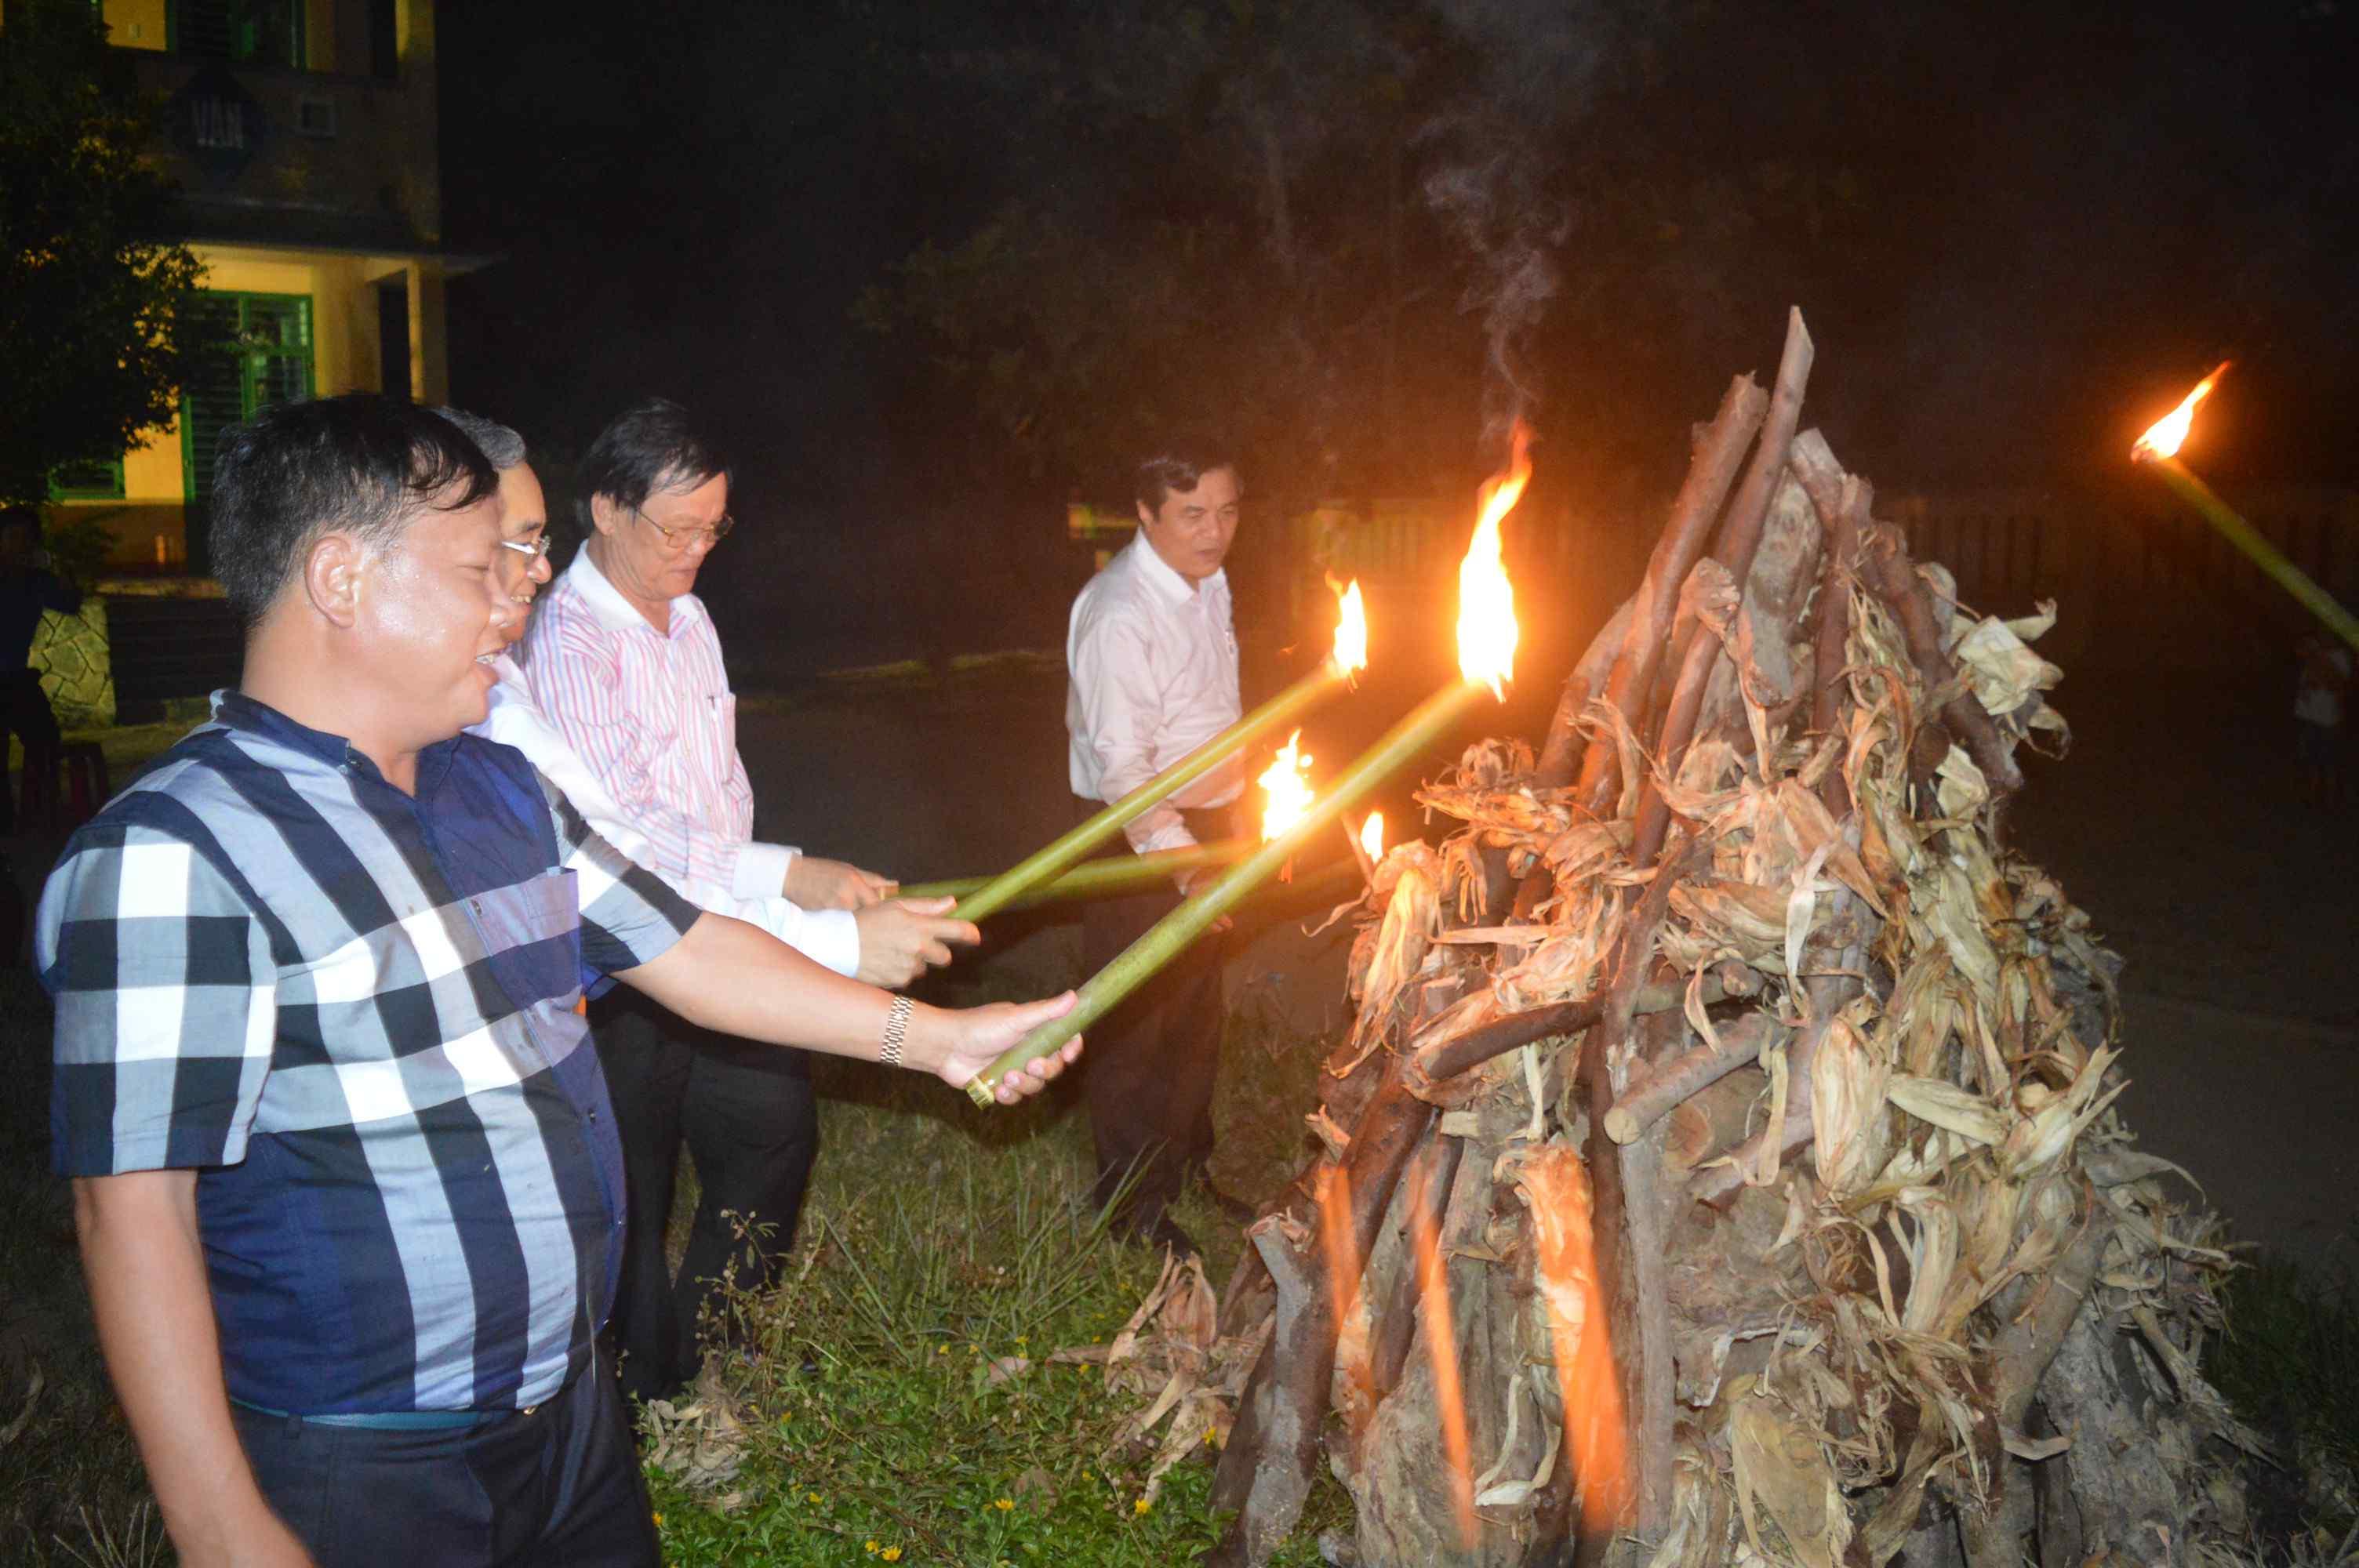 Thực hiện nghi thức châm lửa từ đuốc để bắt đầu vũ điệu cồng chiêng Tây Nguyên. Ảnh: Q.T